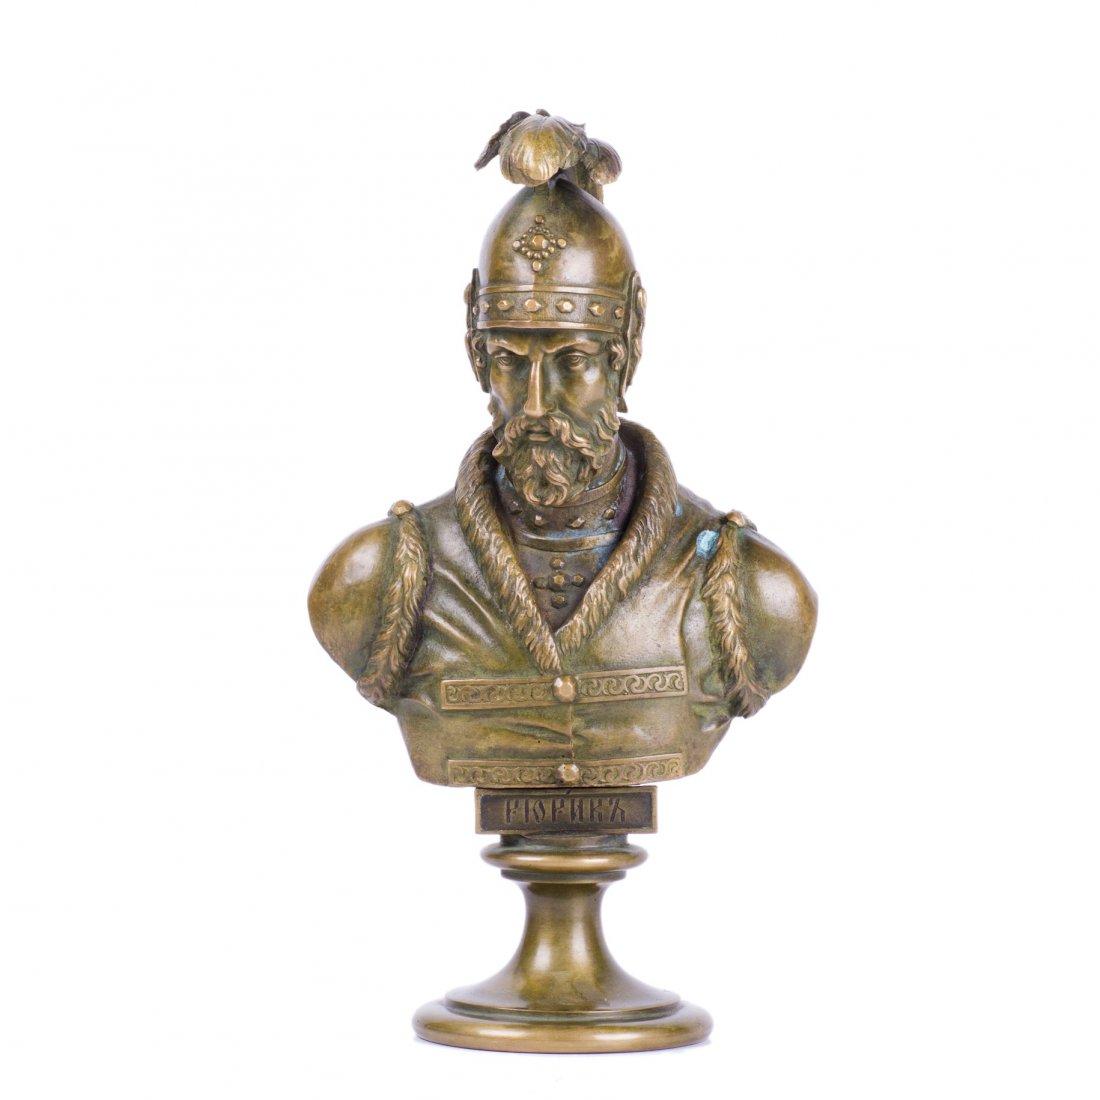 Chopins-bust-gallery - Rurik-bronze-bust-Shopen-chopin-Russian